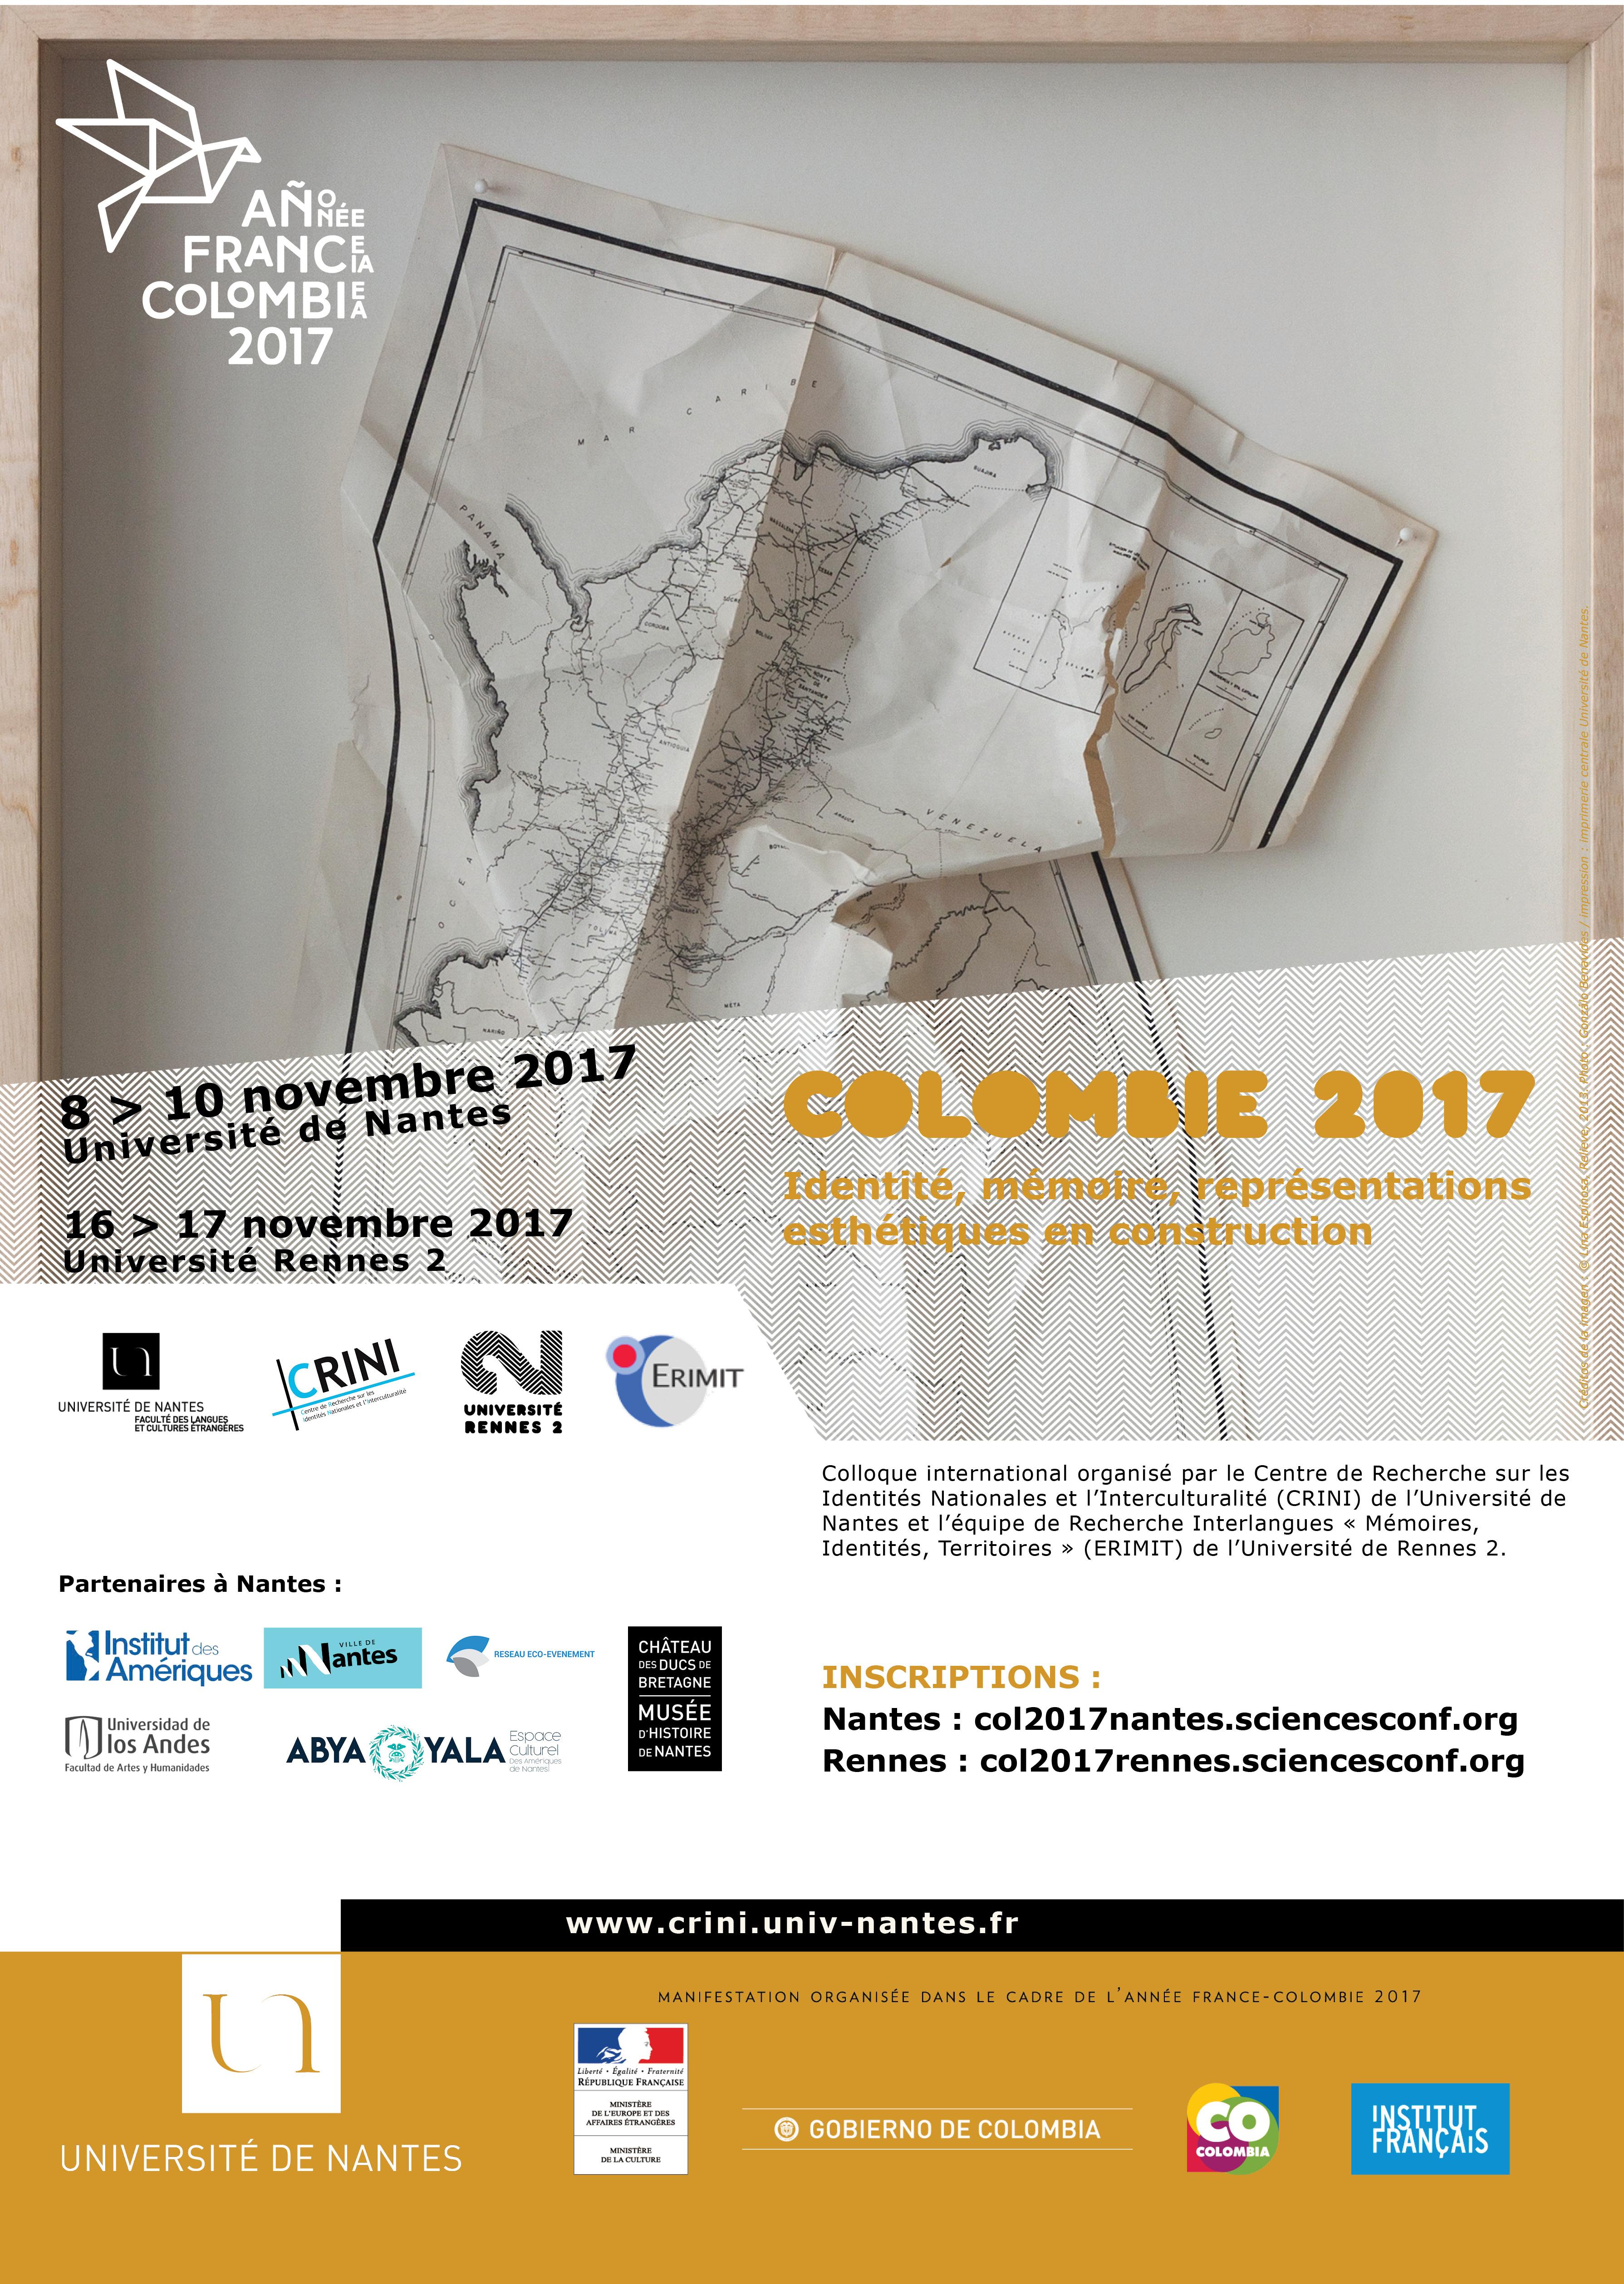 Affiche Colloque Colombie